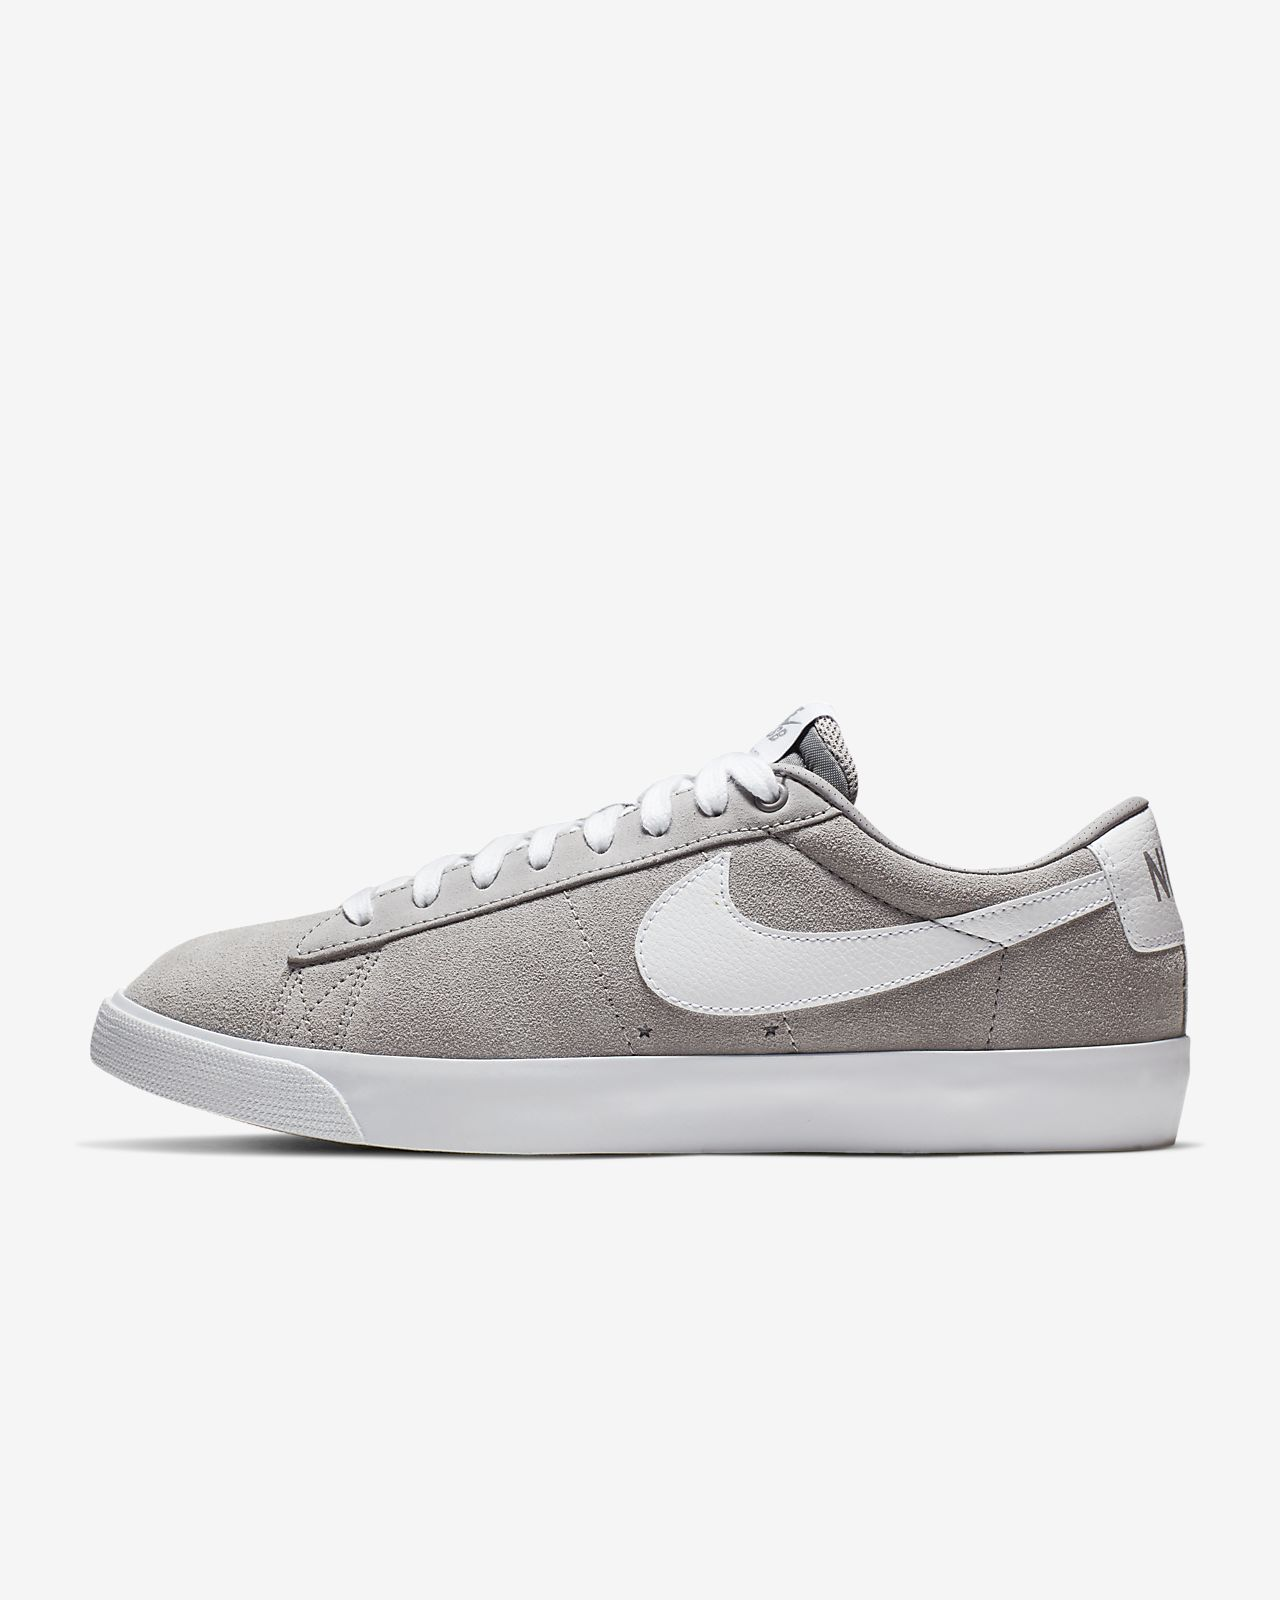 premium selection 56356 a8dca Nike SB Blazer Low GT Skate Shoe